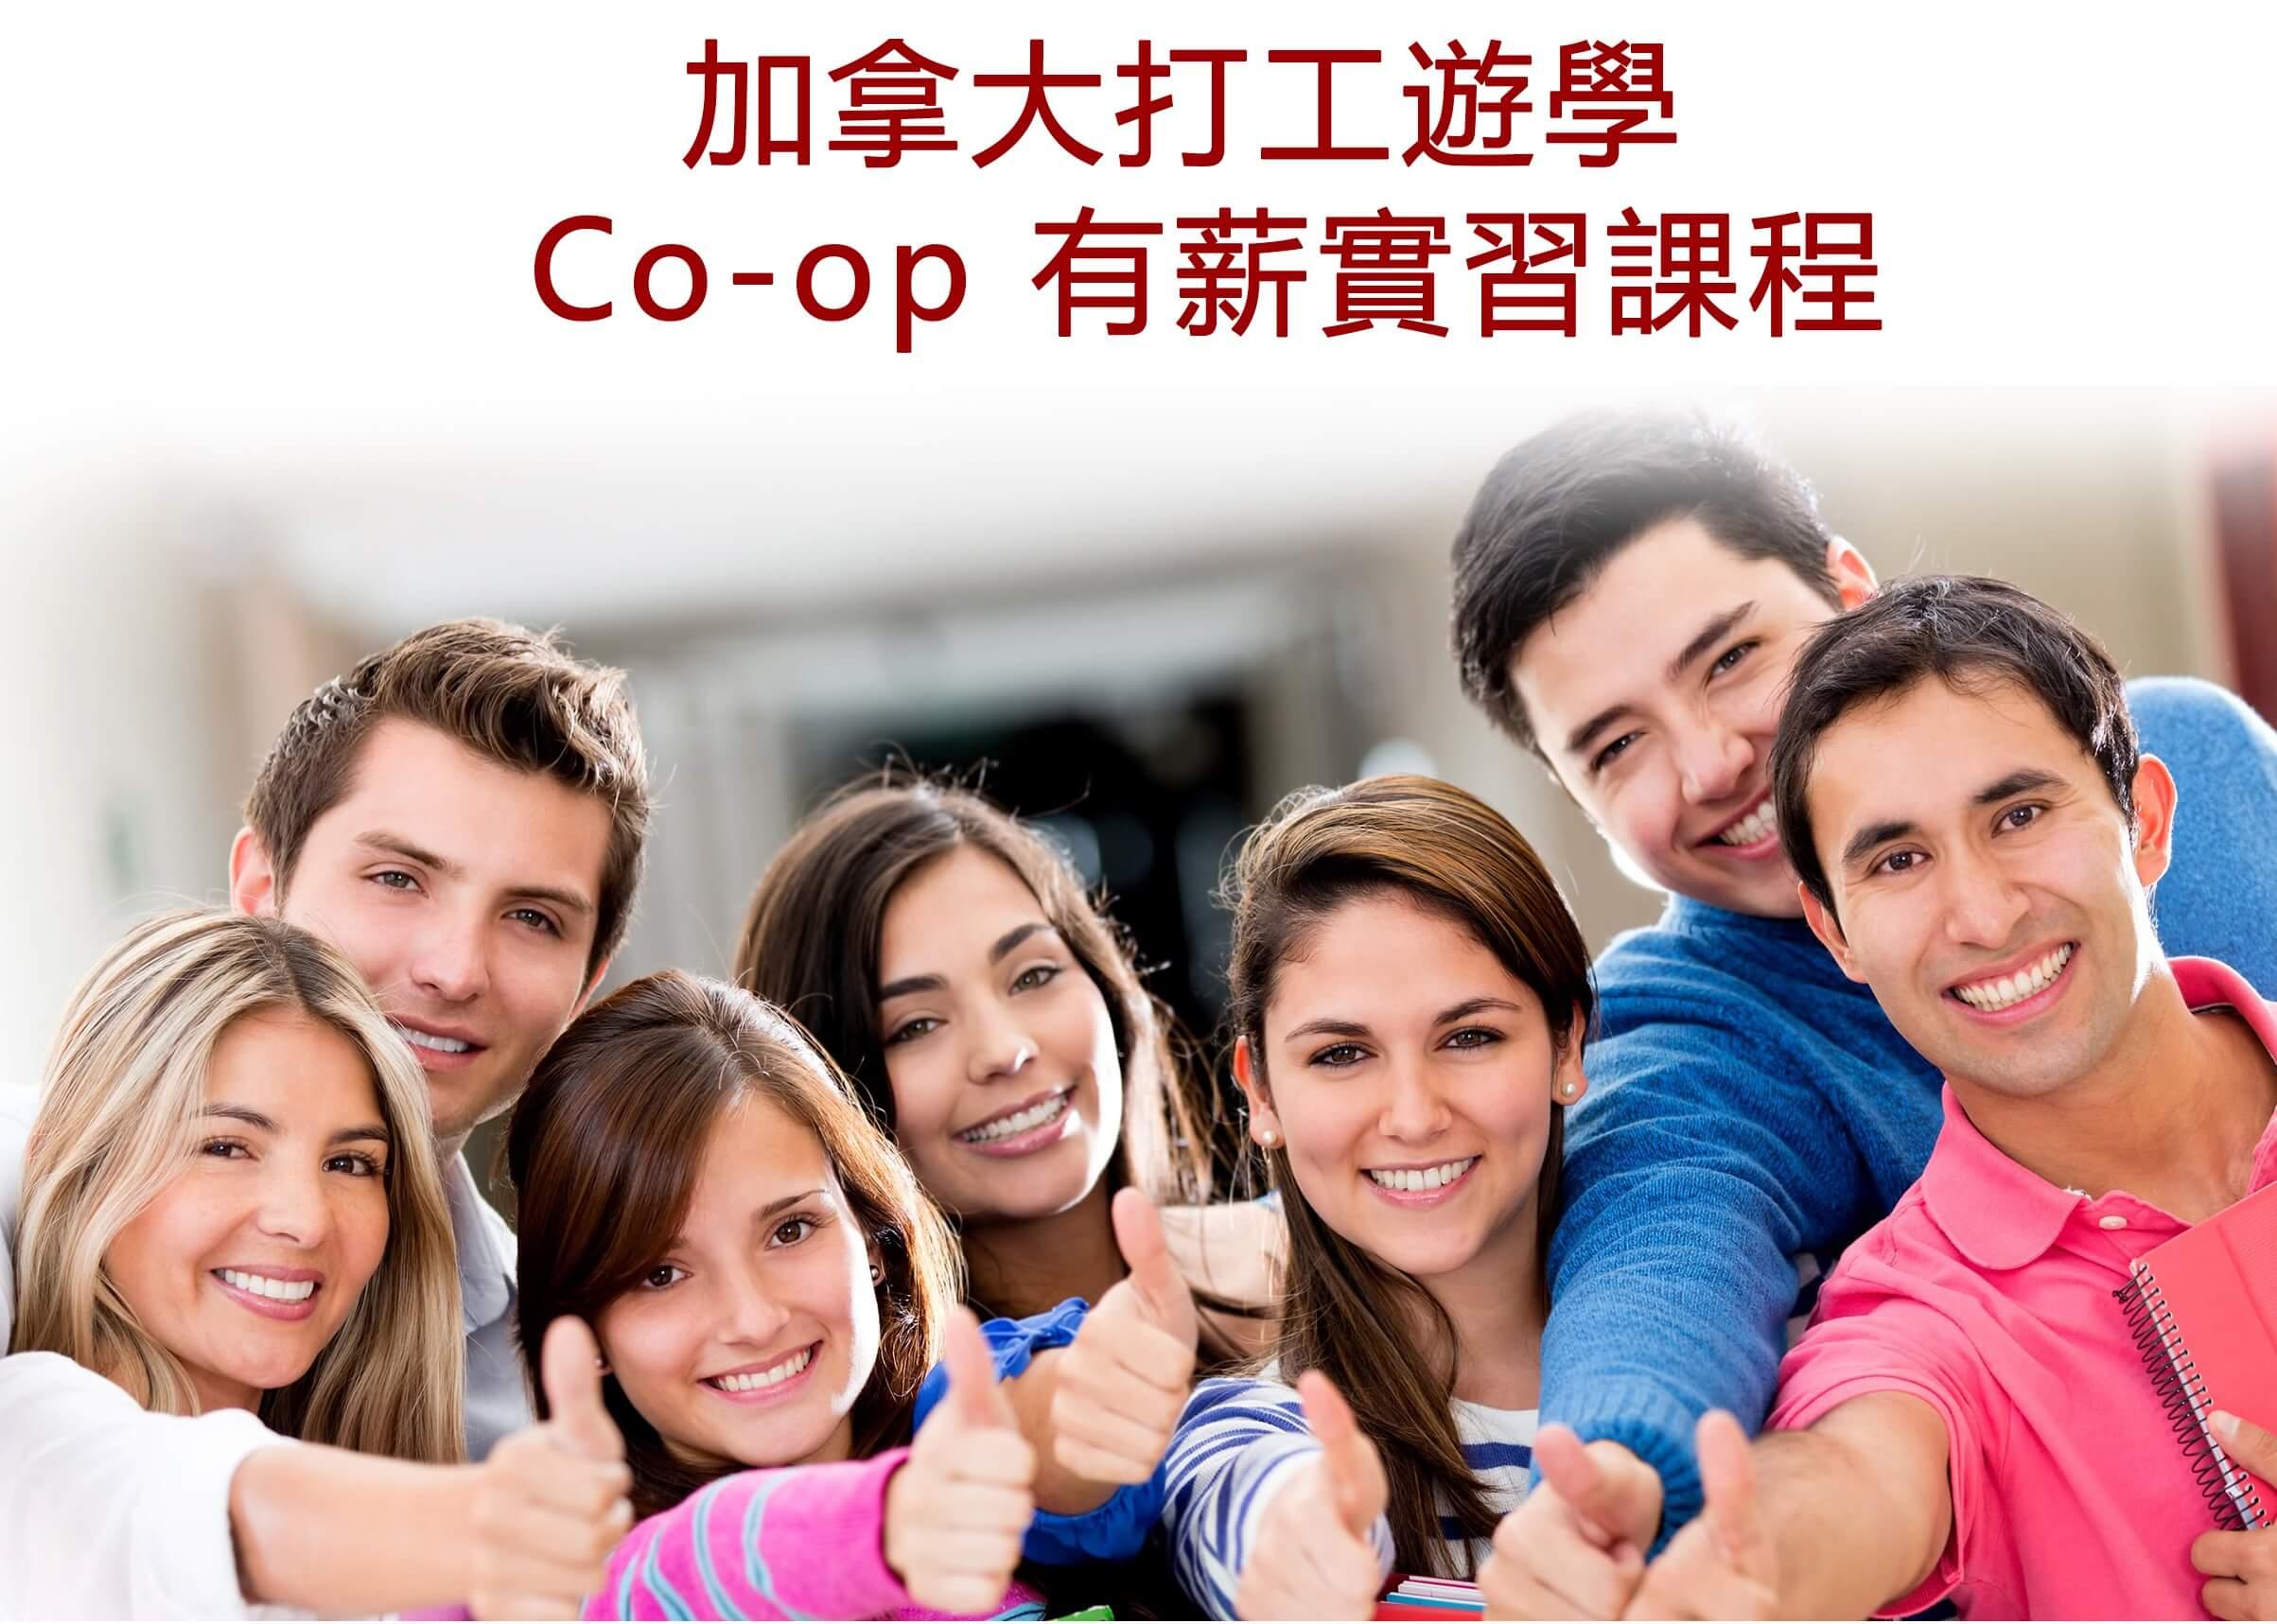 加拿大遊學 coop 代辦推薦  GLC 鉅霖